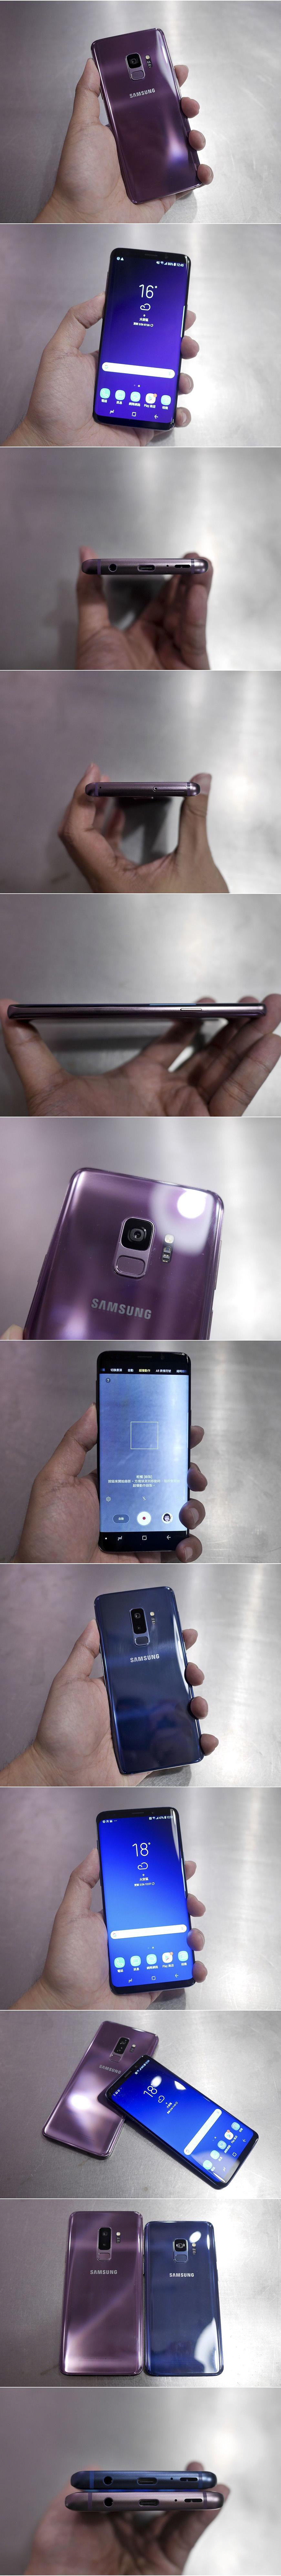 高仿三星手机Android 10✡